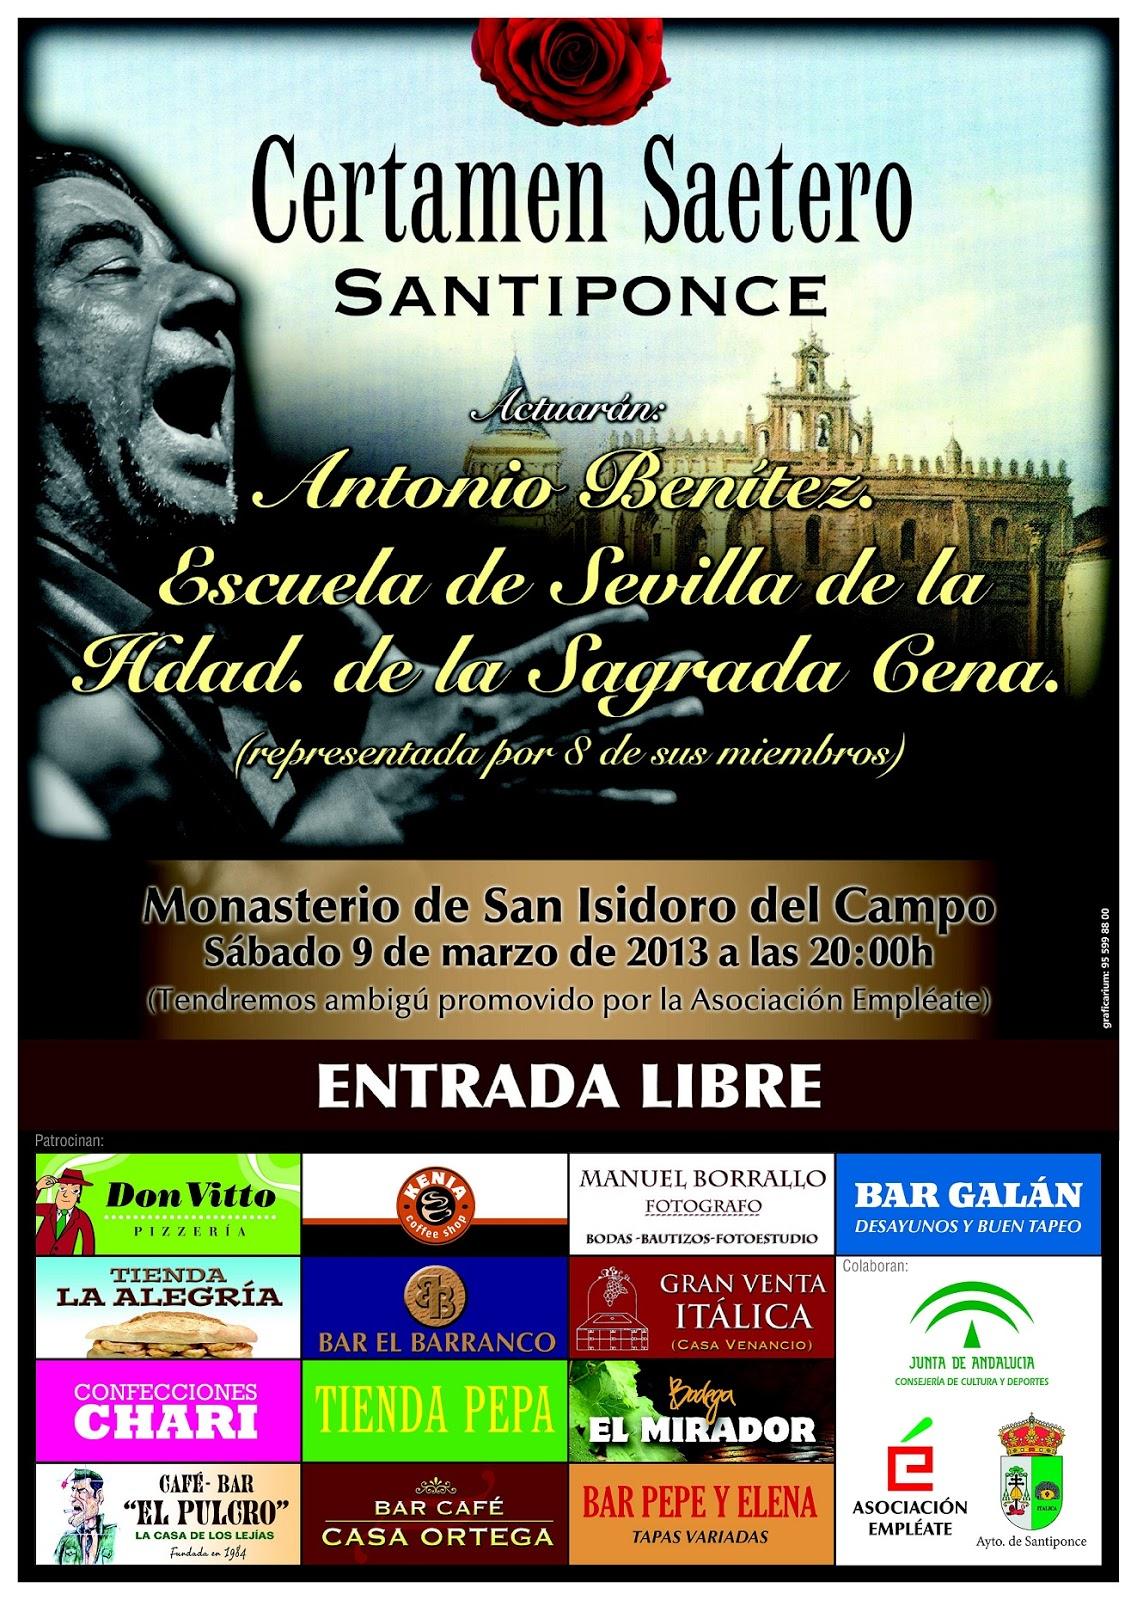 Cartel anunciador del Certamen Saetero de Santiponce